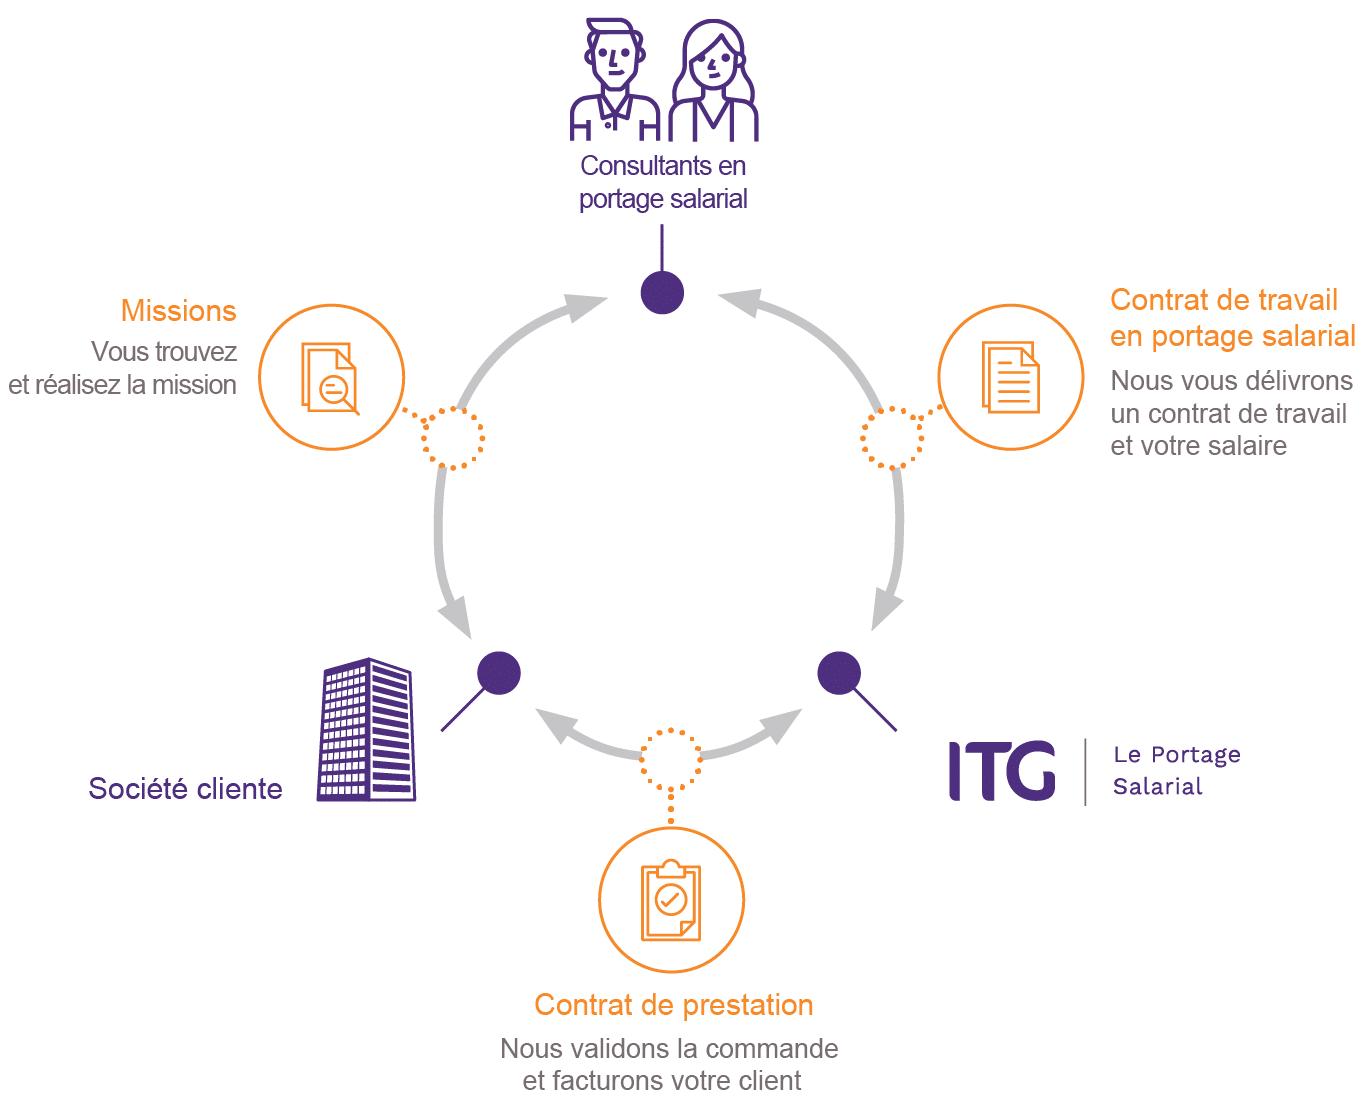 Schéma du portage salarial ITG